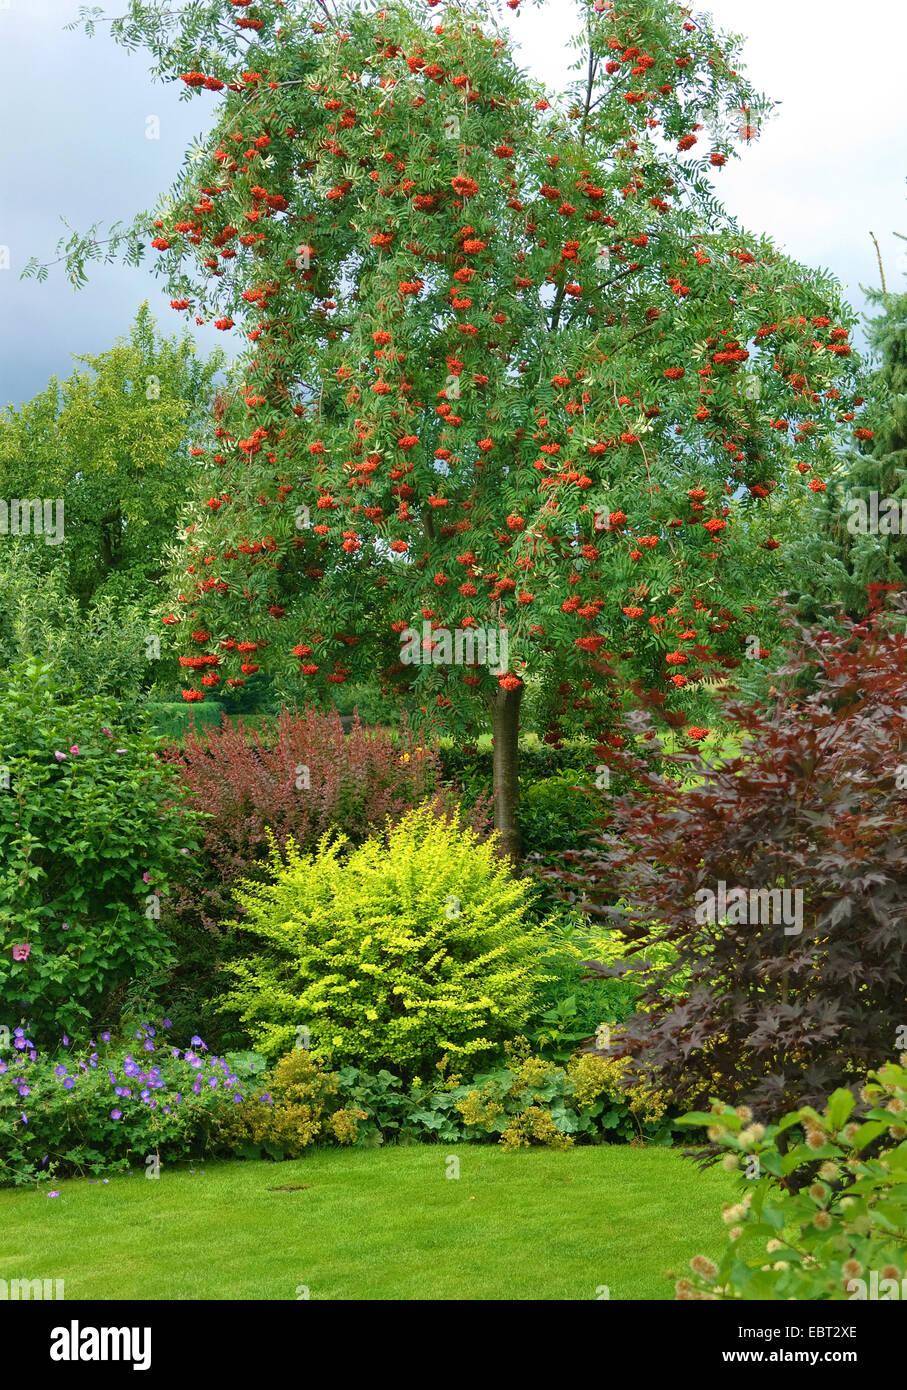 European mountain-ash, rowan tree (Sorbus aucuparia 'Rosina', Sorbus aucuparia Rosina), cultivar Rosina - Stock Image